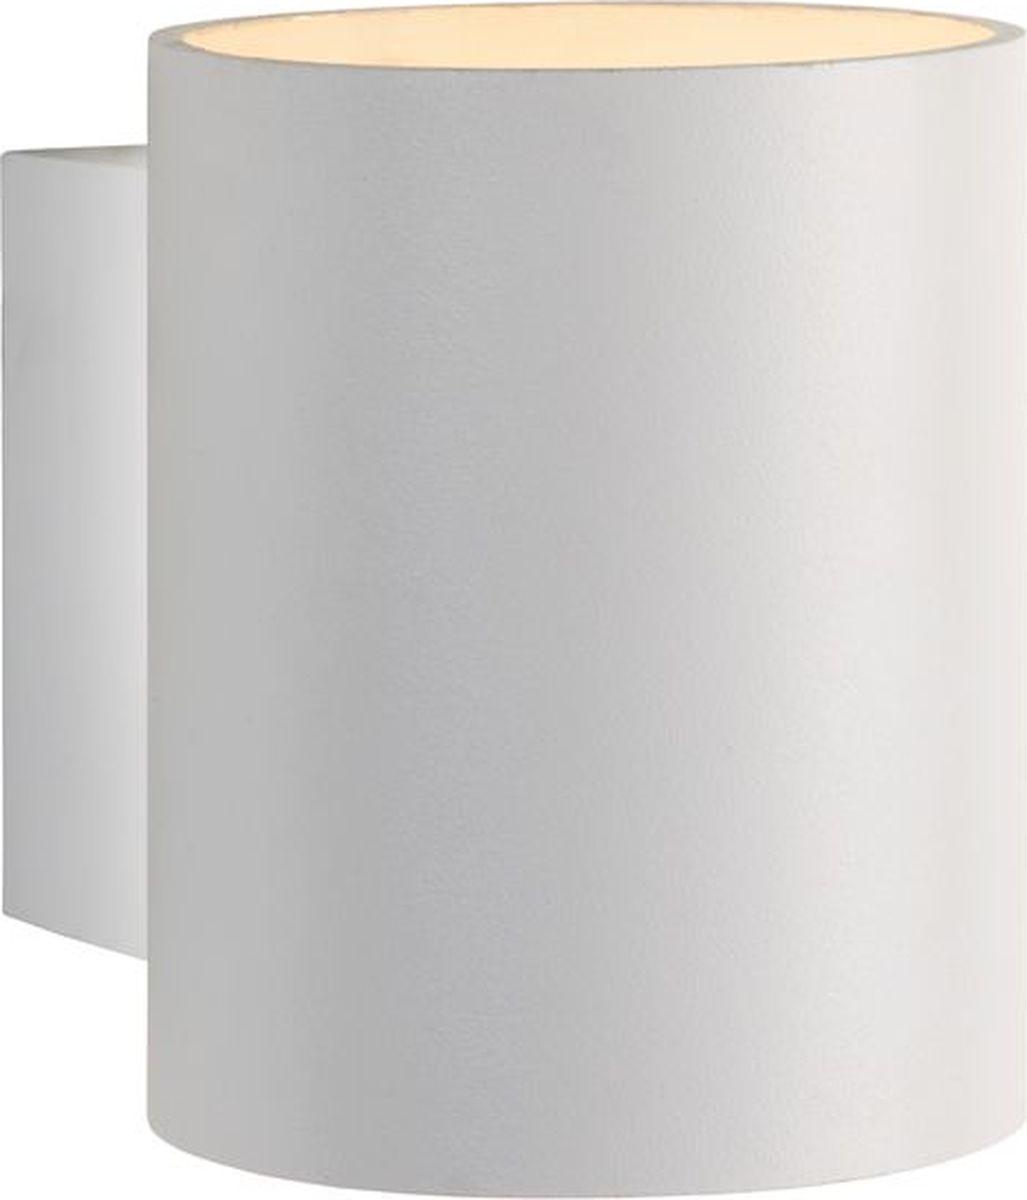 Светильник настенный Lucide Xera, цвет: белый, G9, 25 Вт. 23252/01/31 настенный светильник lucide xera 23252 01 31